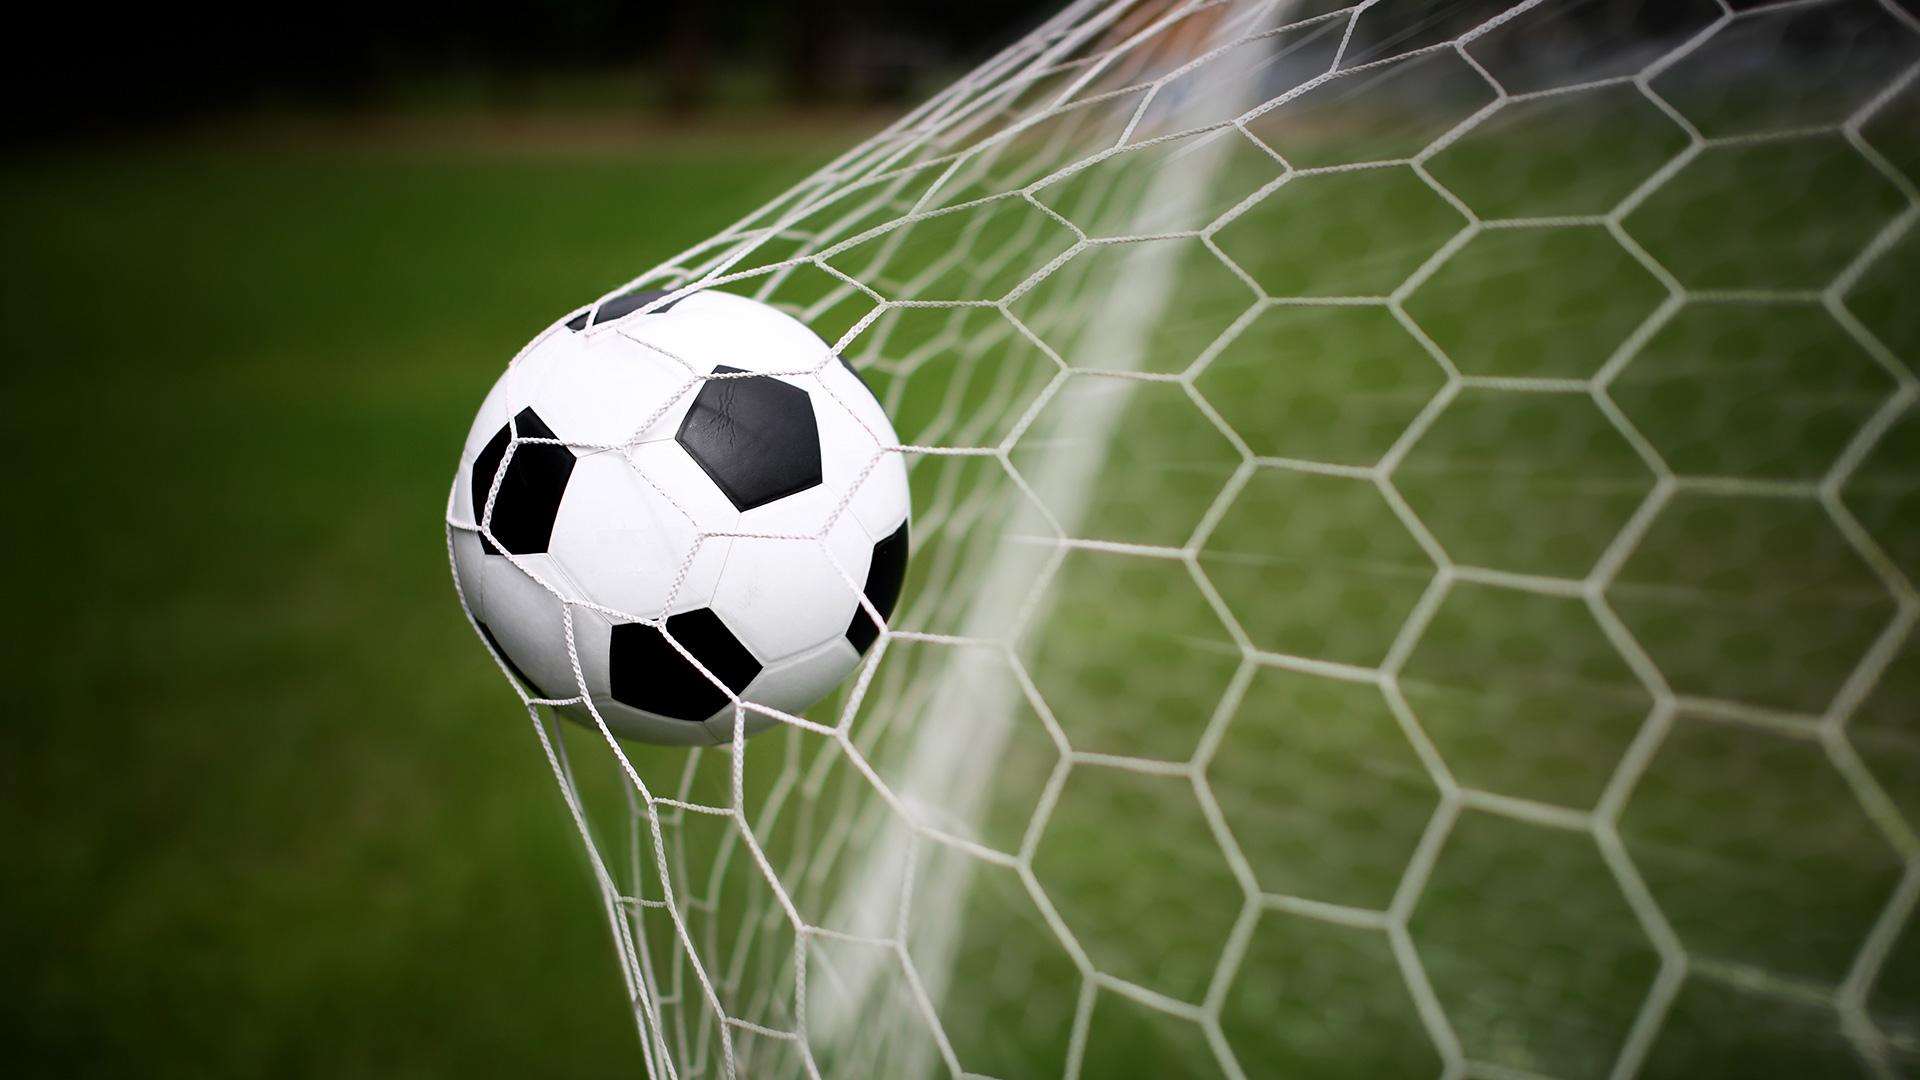 soccer-ball-world-cup-ss-1920